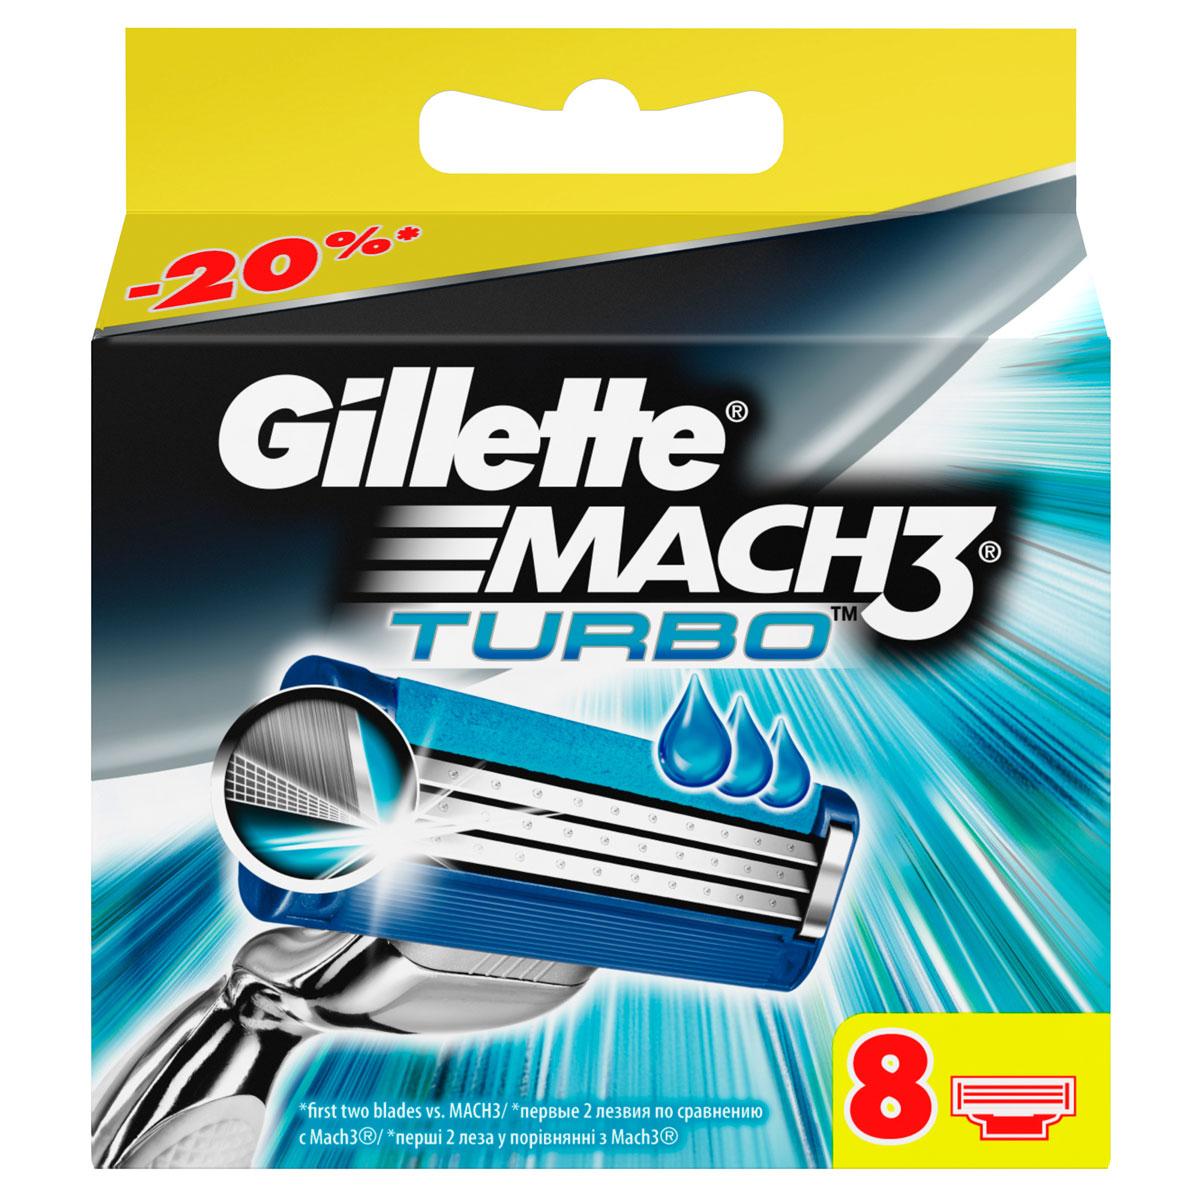 Gillette Сменные кассеты для бритья Mach 3 Turbo, 8 штMCT-13284680Новые лезвия. Острее, чем одноразоваябритва. Бреет без раздражения. Даже 10-ое бритье Mach3 комфортнее 1-го одноразовой бритвой.Совершенствуй процесс бритья с бритвой Mach3! Gillette Mach3 Turbo имеет более острые лезвия (первые два лезвия в сравнении с Mach3) и обеспечивает гладкое бритье без раздражения по сравнению одноразовыми бритвами Bluell Plus. Лезвия Turbo легче срезают щетину, не тянут и не дергают волоски (первые два лезвия в сравнении с Mach3), даря вам невероятный комфорт. В то же время гелевая полоска Comfort помогает сохранить дольшевашу бритву Mach3 Turbo и мягко скользит по коже (по сравнению с одноразовыми бритвенными станками Bluell Plus). Этот станок имеет вдвое больше микрогребней SkinGuard для мягкости бритья (по сравнению с одноразовыми бритвенными станками Bluell Plus). Плавающая головка обеспечивает тесный контакт лезвий с кожей, рукоятка с регулировкой нажатия адаптируется к контурам лица для более легкого и комфортного бритья (по сравнению с одноразовыми бритвенными станками Blueell Plus). Даже десятое бритье Mach 3 комфортнее первого одноразовой бритвой (по сравнению с одноразовыми станками для бритья Bluell Plus).Первые два лезвия по сравнению с Gillette BlueII Plus По сравнению с Gillette BlueII Plus Срок хранения - 5 лет.